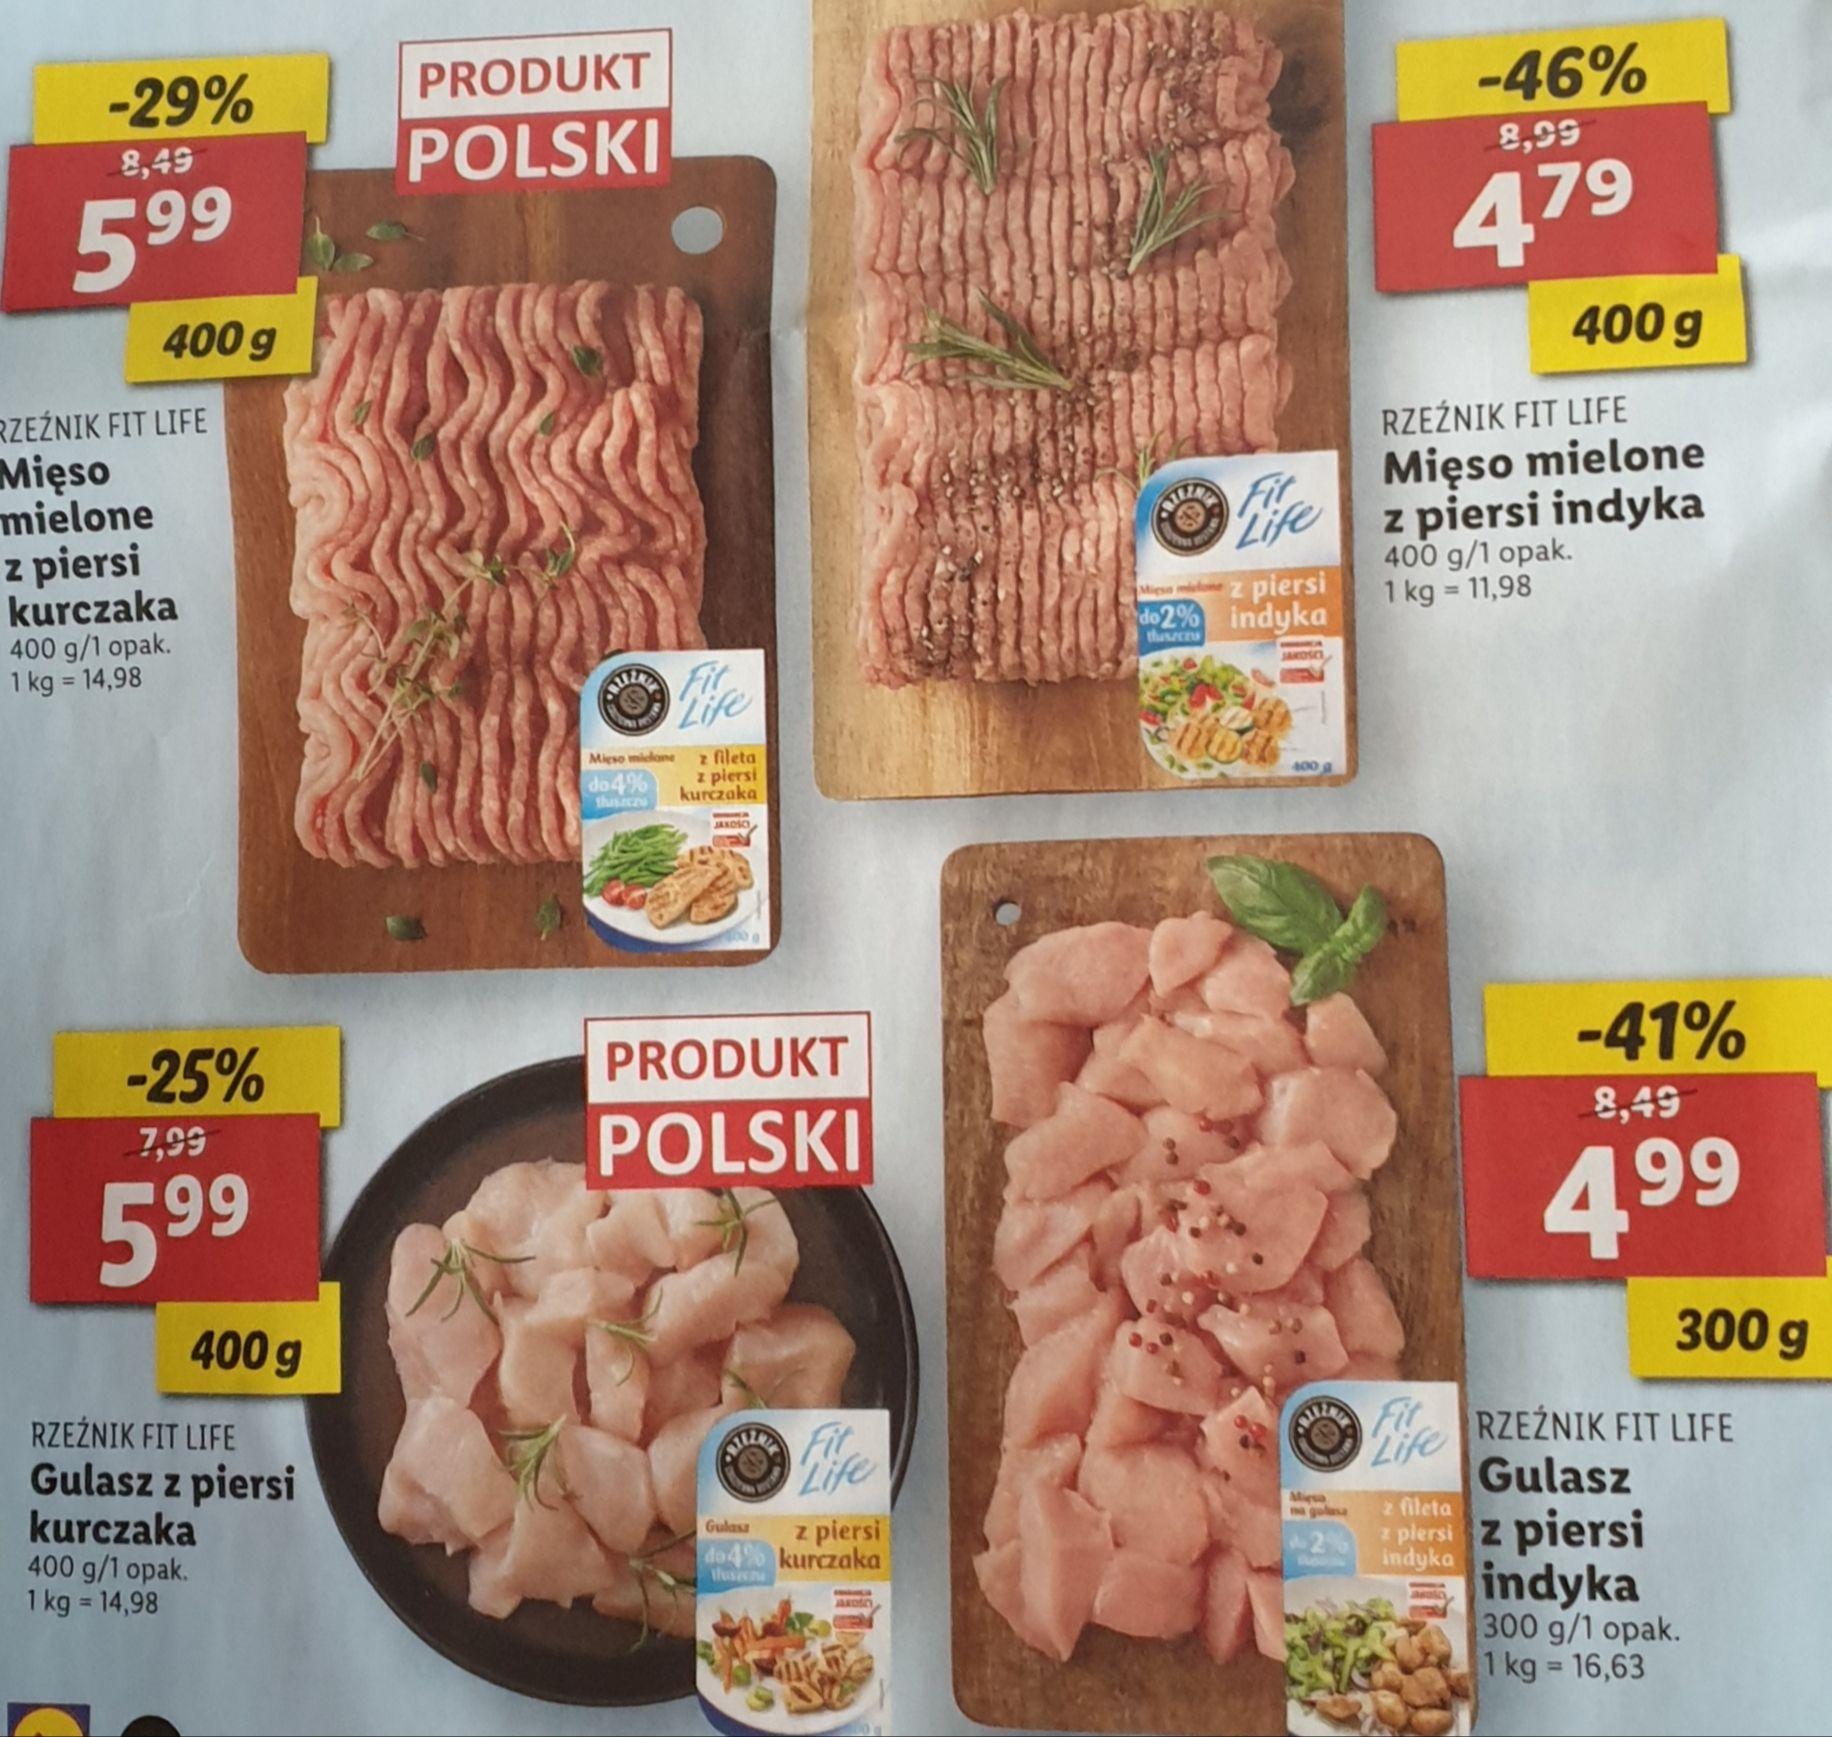 Mięso marki Rzeźnik Fit Life do 46% taniej @Lidl